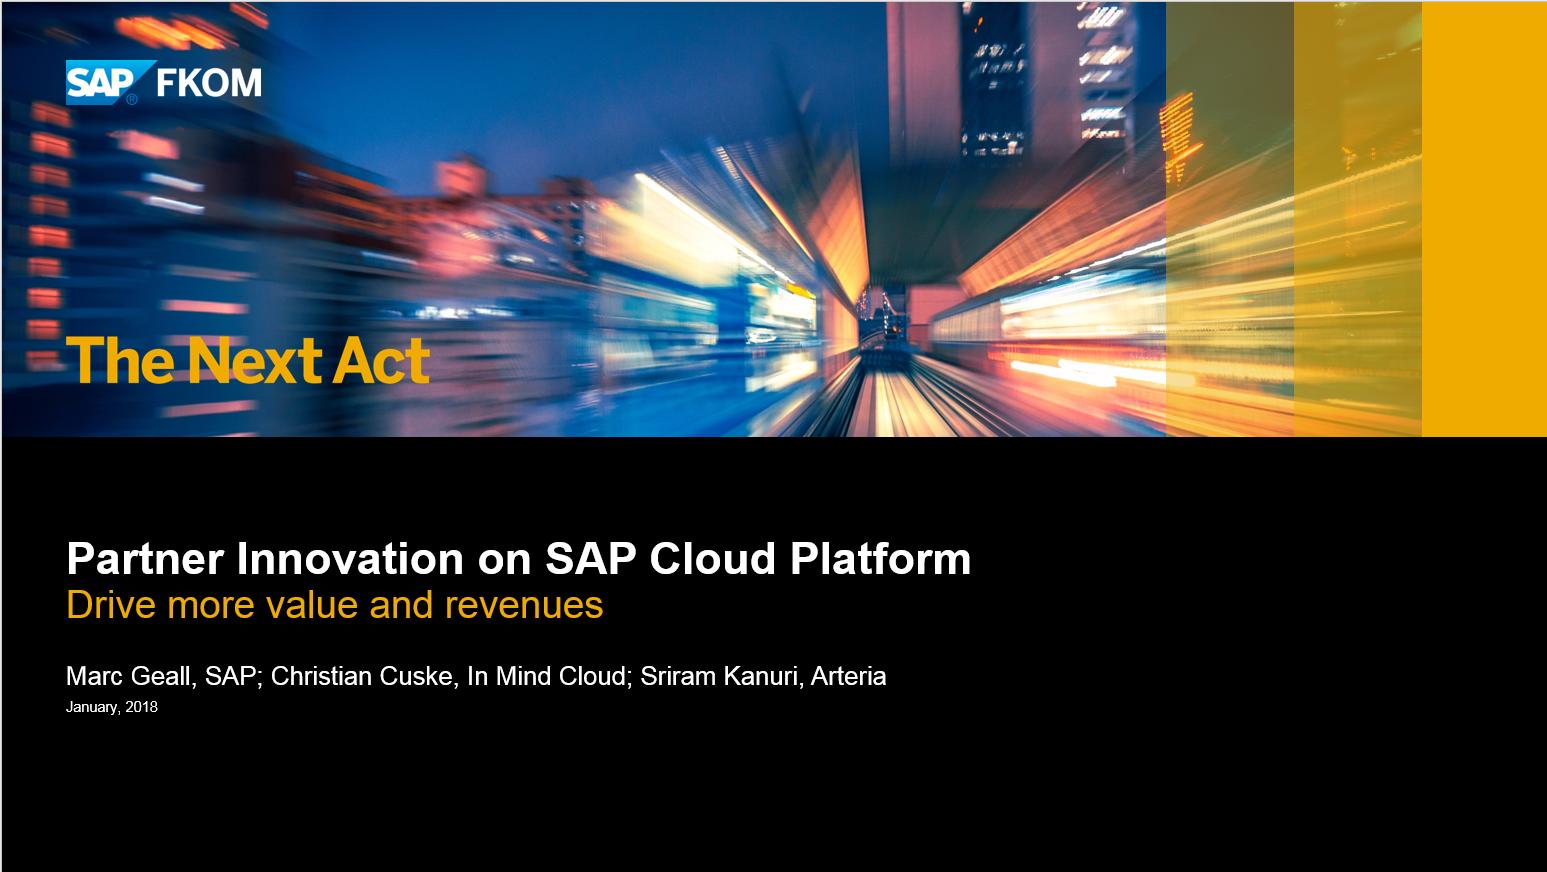 Partner Innovation on SAP Cloud Platform at SAP FKOM Sydney 2018   In Mind Cloud